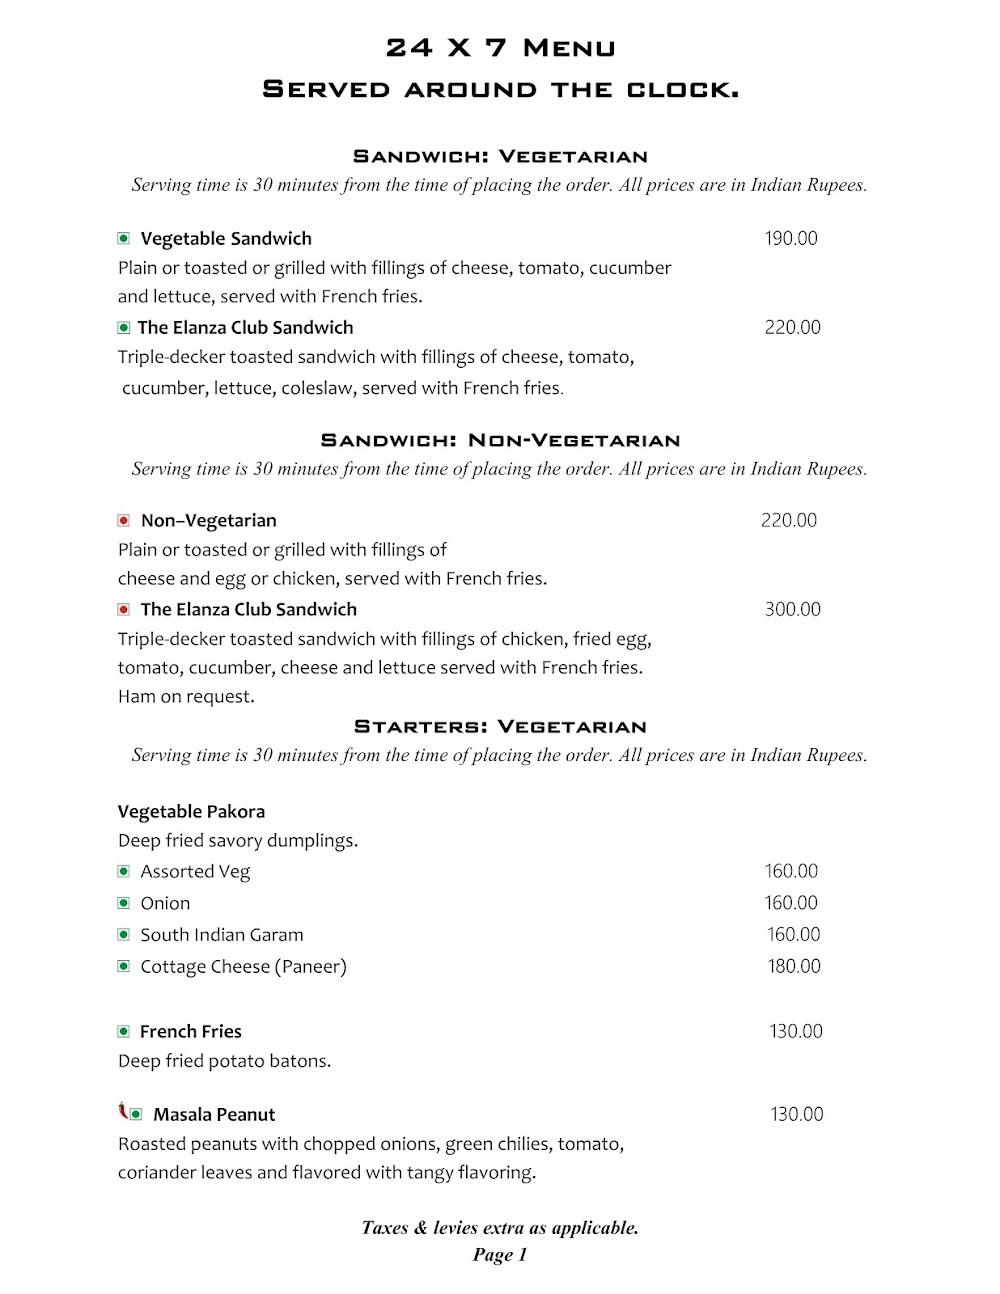 Cafe @ Elanza menu 8